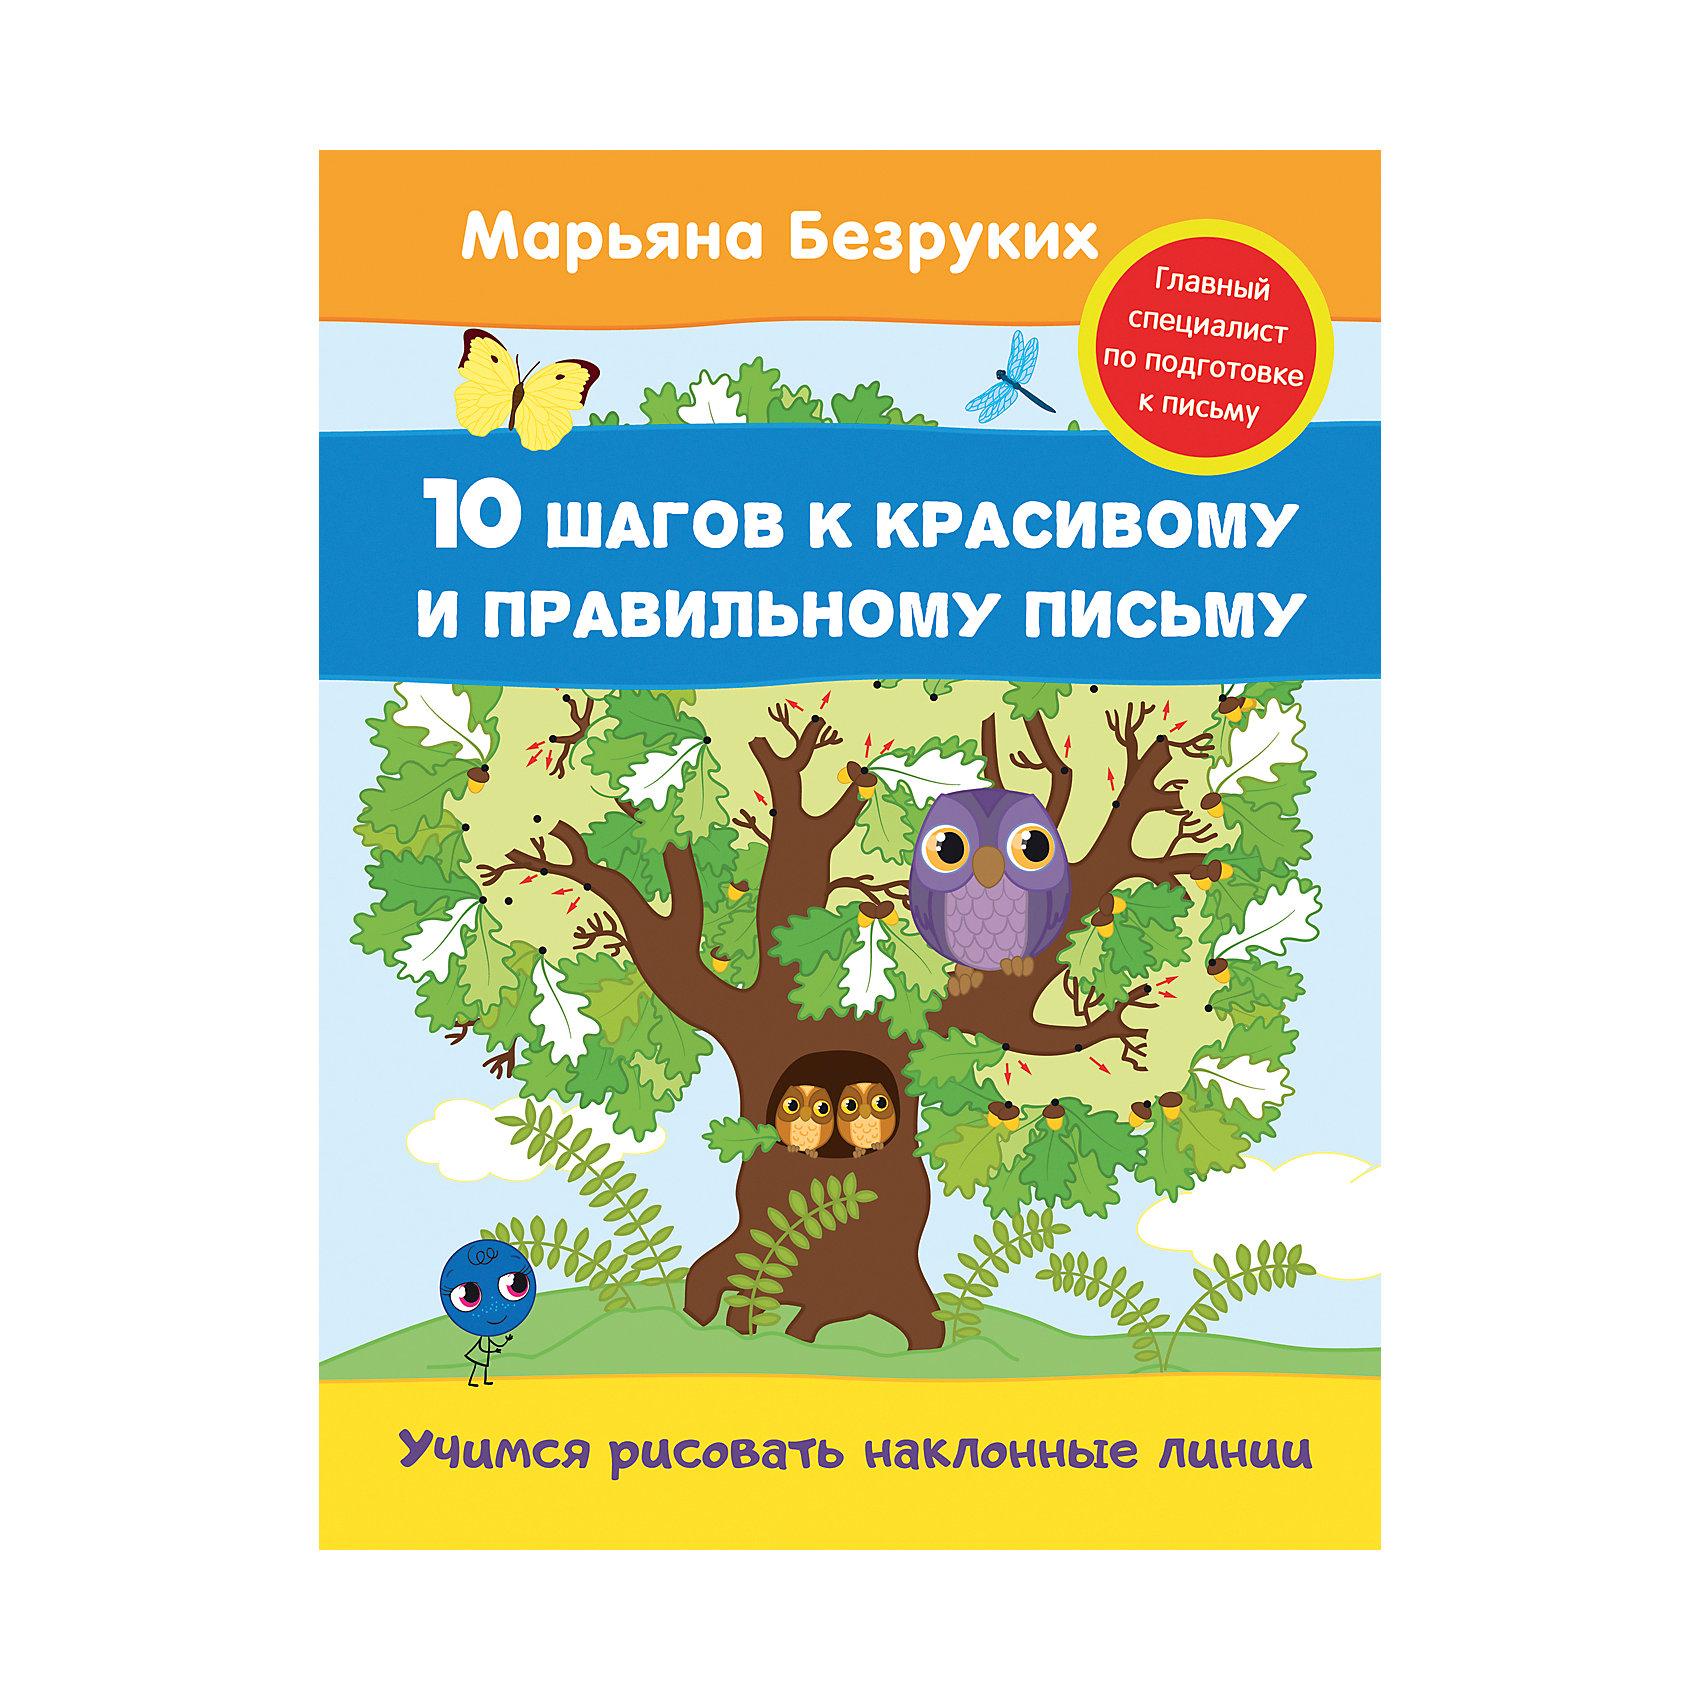 Методическое пособие Учимся рисовать наклонные линии- Активное формирование у ребенка зрительно-моторных функций, восприятия, памяти, внимания;&#13;<br>- Учет психологических и физиологических закономерностей развития ребенка;&#13;<br>- Методическая продуманность каждого шага;&#13;<br>- Практические рекомендации для родителей и воспитателей.<br><br>Ширина мм: 255<br>Глубина мм: 195<br>Высота мм: 20<br>Вес г: 44<br>Возраст от месяцев: -2147483648<br>Возраст до месяцев: 2147483647<br>Пол: Унисекс<br>Возраст: Детский<br>SKU: 5507109